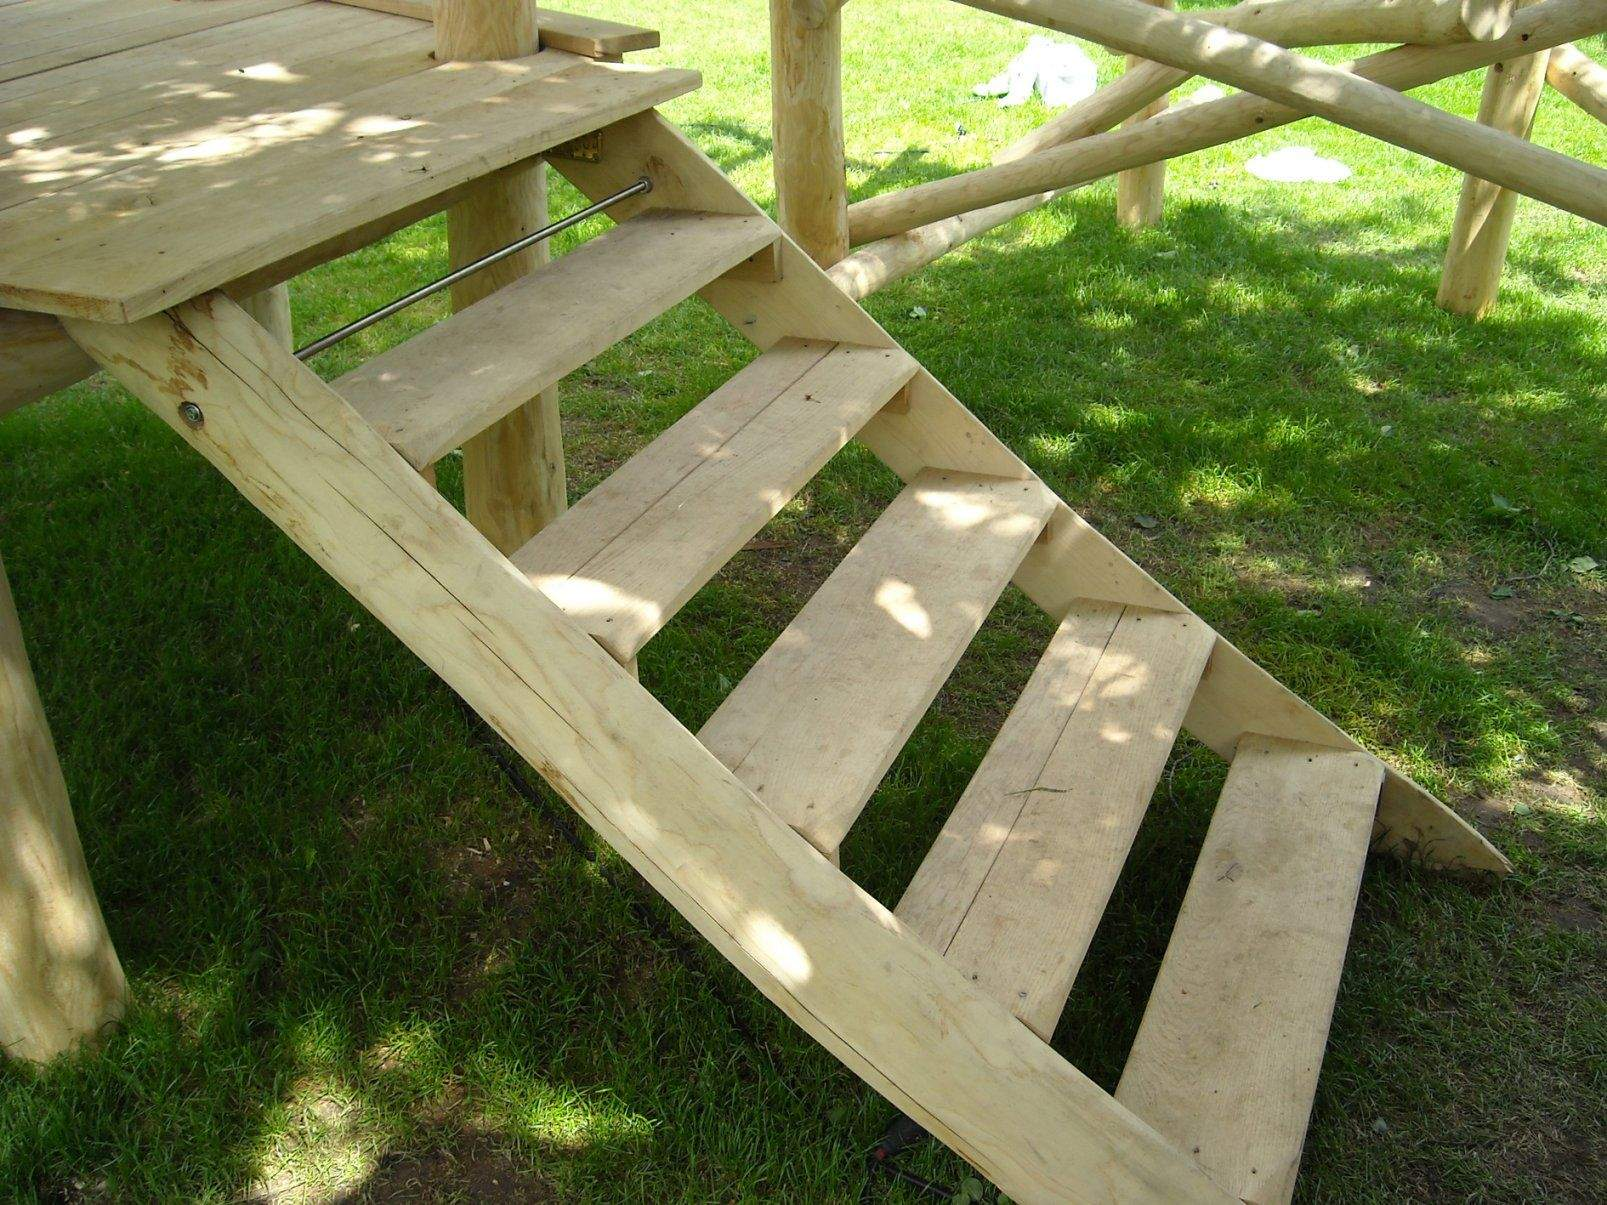 treppe aus holz bauen io47 hitoiro von holztreppe ausen selber bauen photo